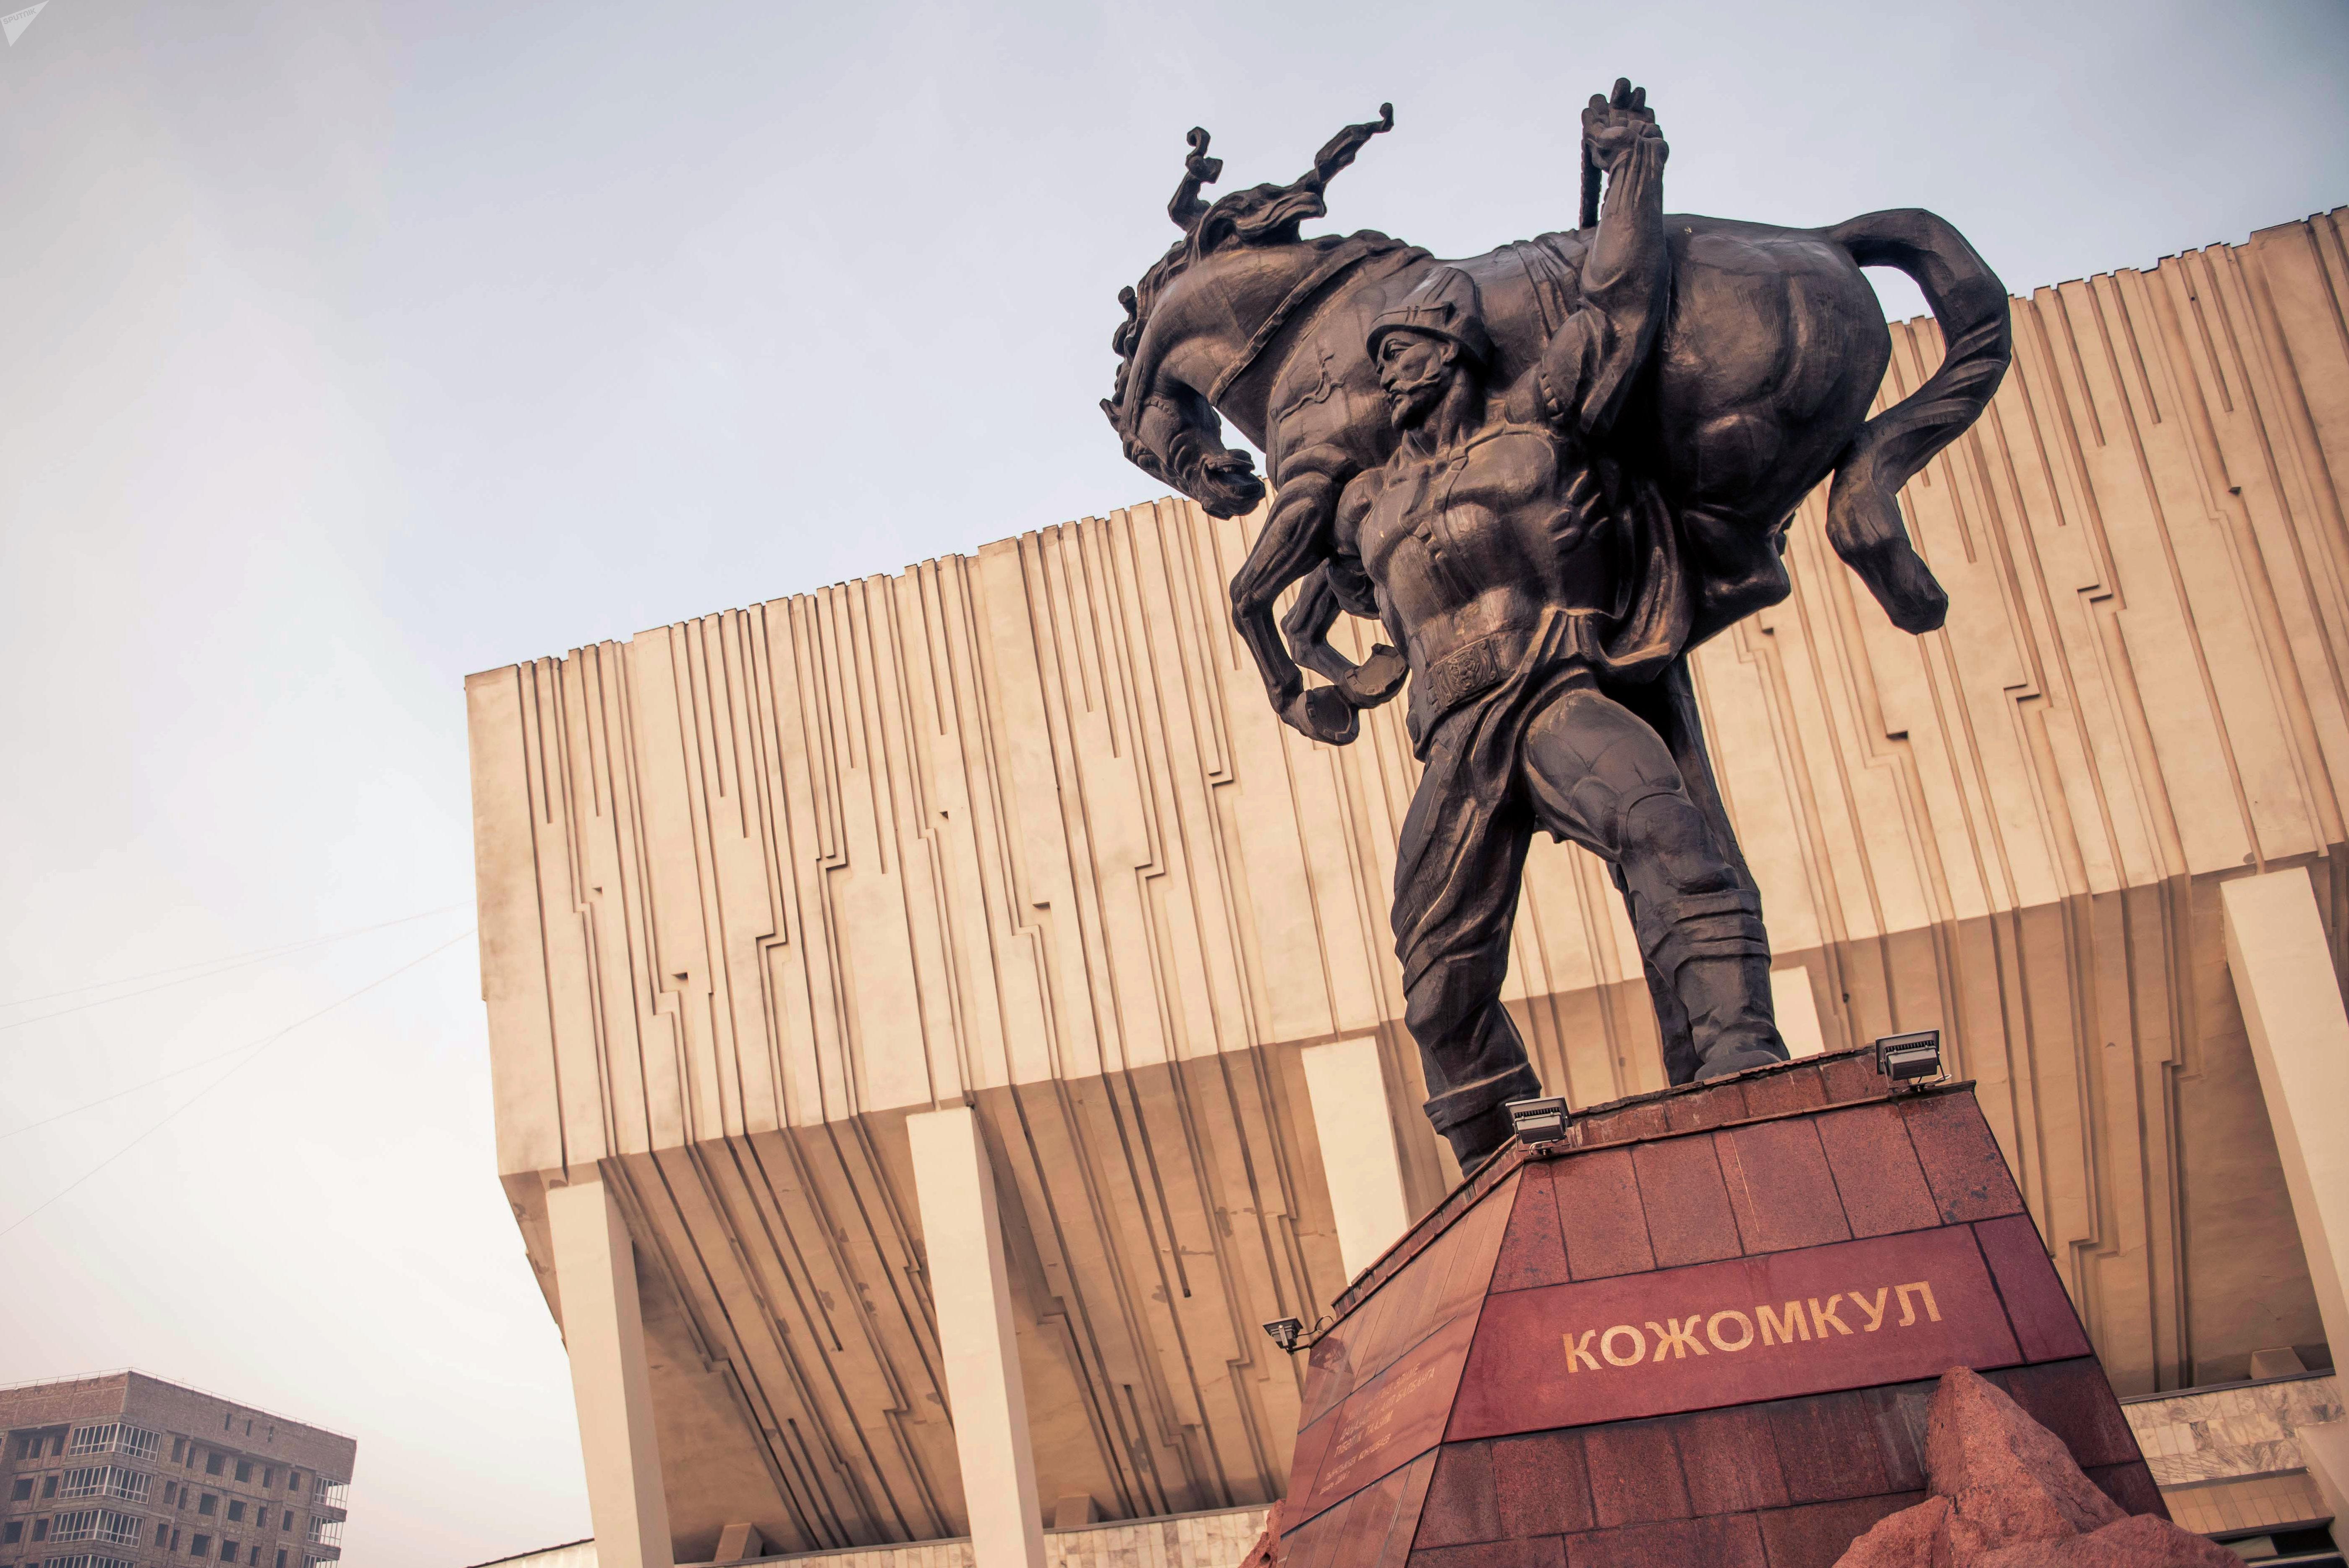 Памятник  Кожомкула